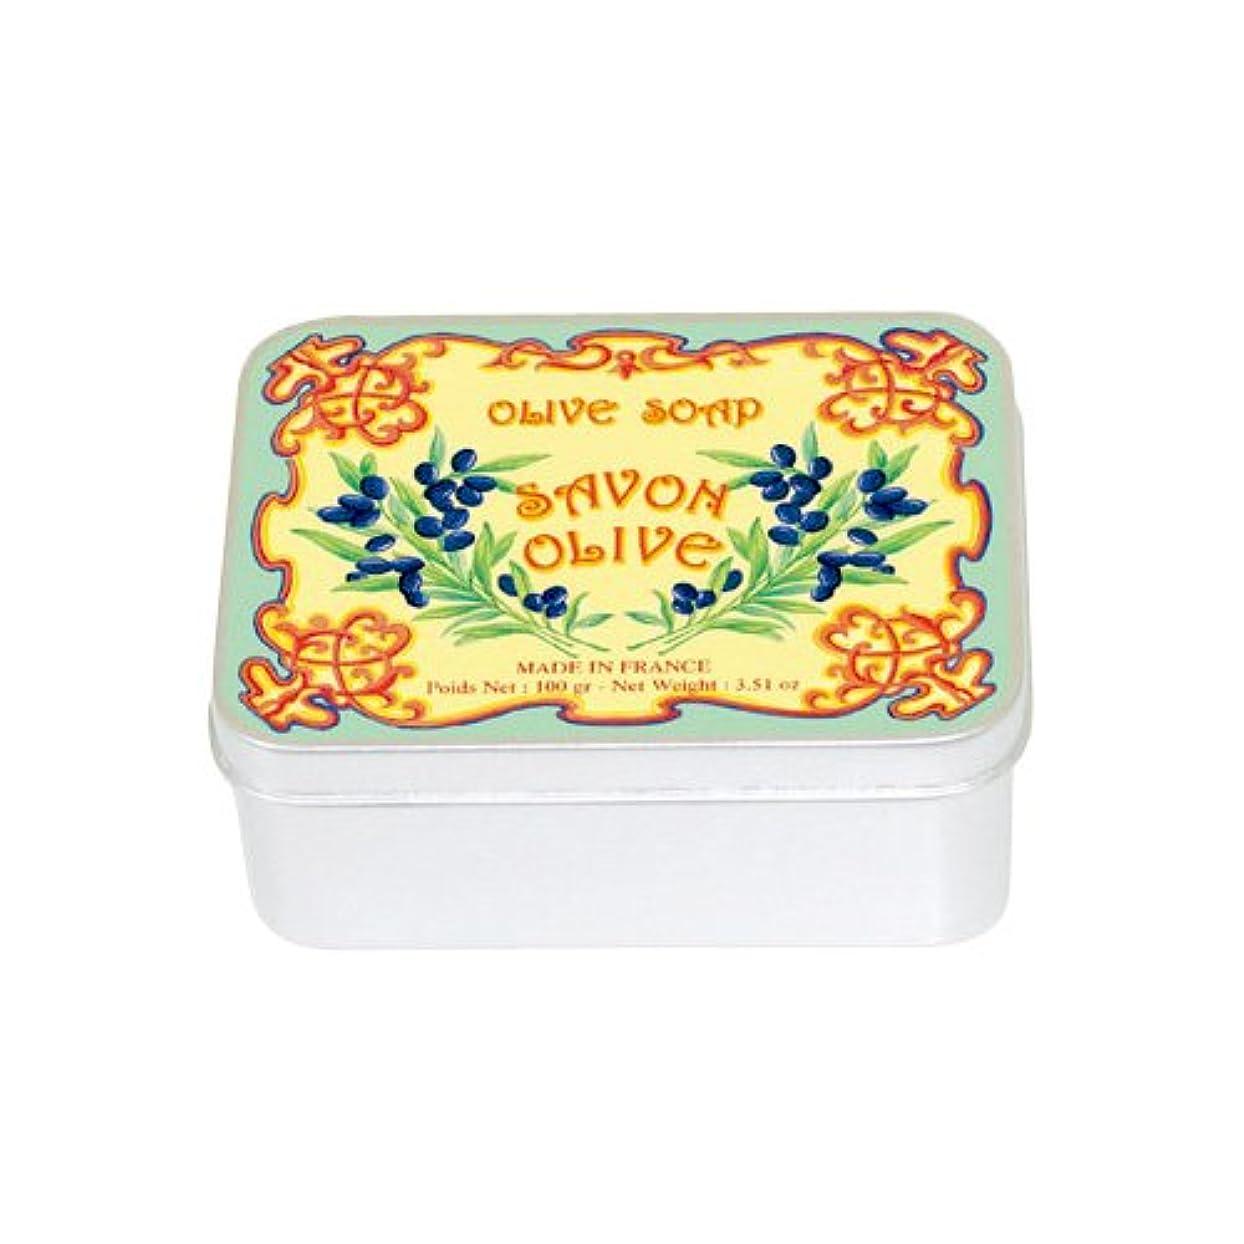 ハッチいとこ環境ルブランソープ メタルボックス(オリーブの香り)石鹸